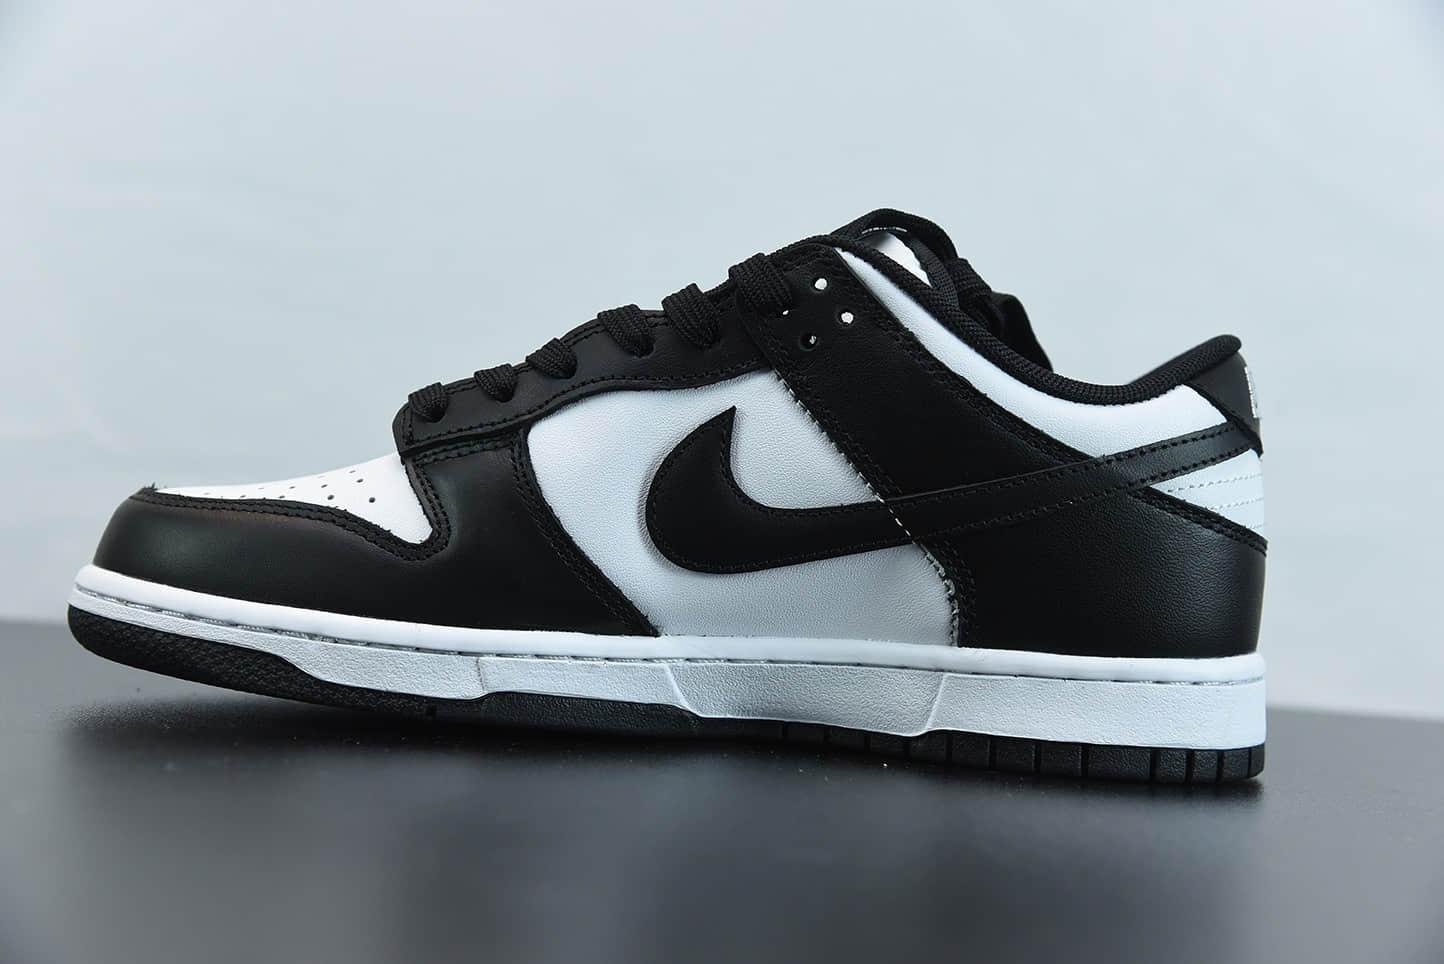 耐克Nike SB Dunk Low RetroWhiteBlack黑白熊猫扣篮系列低帮休闲运动滑板板鞋纯原版本 货号:DD1391-100